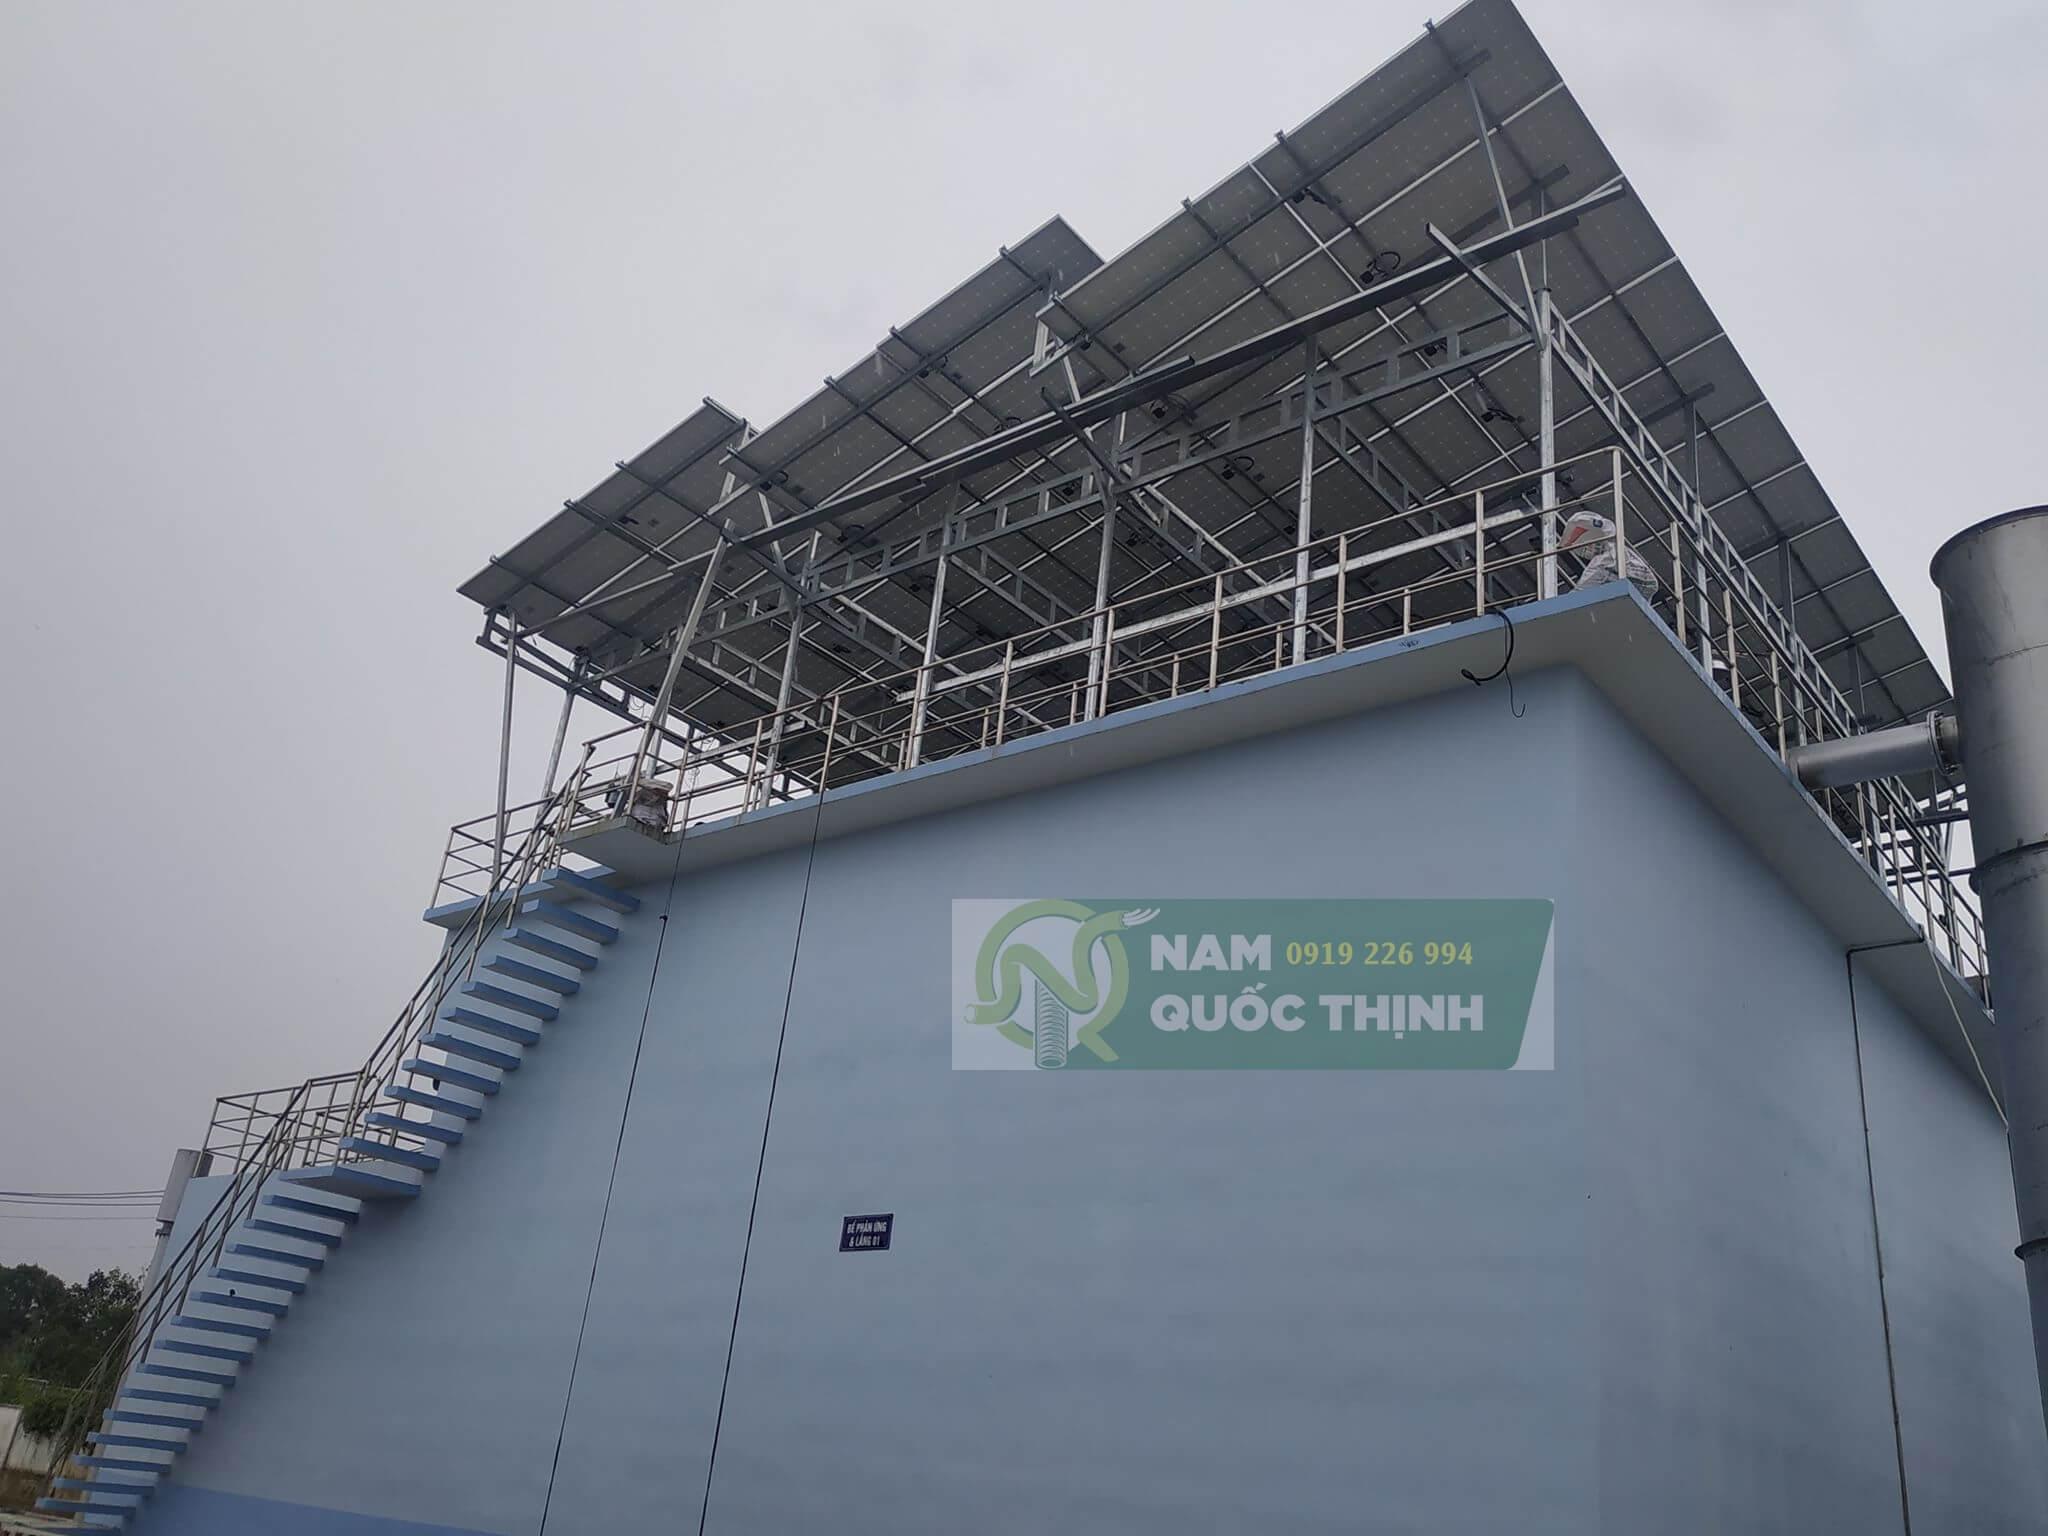 Thanh u lắp đặt support năng lượng mặt trời nhà máy nước